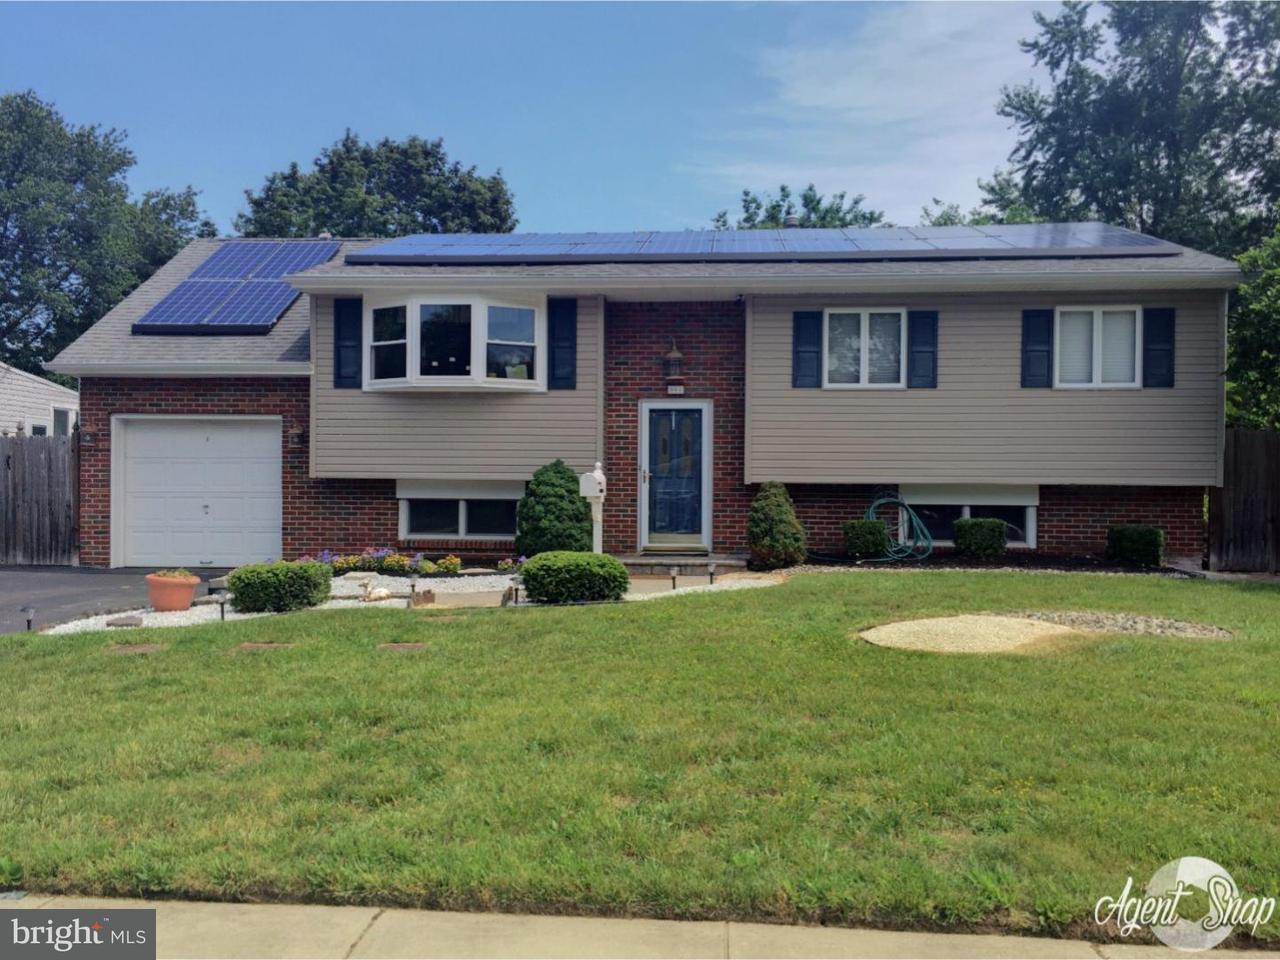 Casa Unifamiliar por un Alquiler en 944 KIRK Road Monroe Township, Nueva Jersey 08094 Estados UnidosEn/Alrededor: Monroe Township